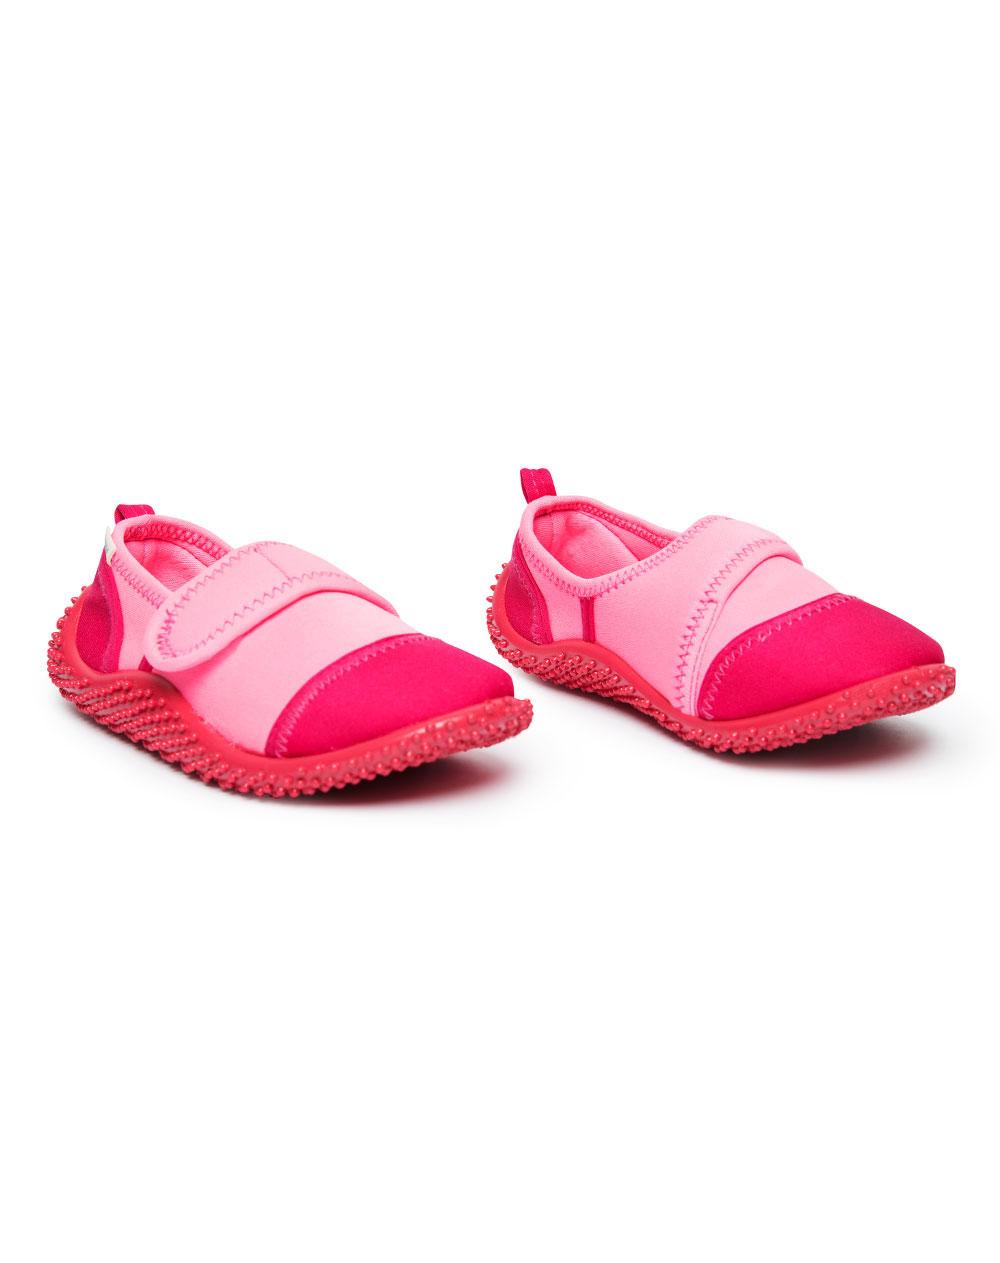 a344b0c53612c Zapatos para Bebé Niña Naba Fucsia Baby Fresh